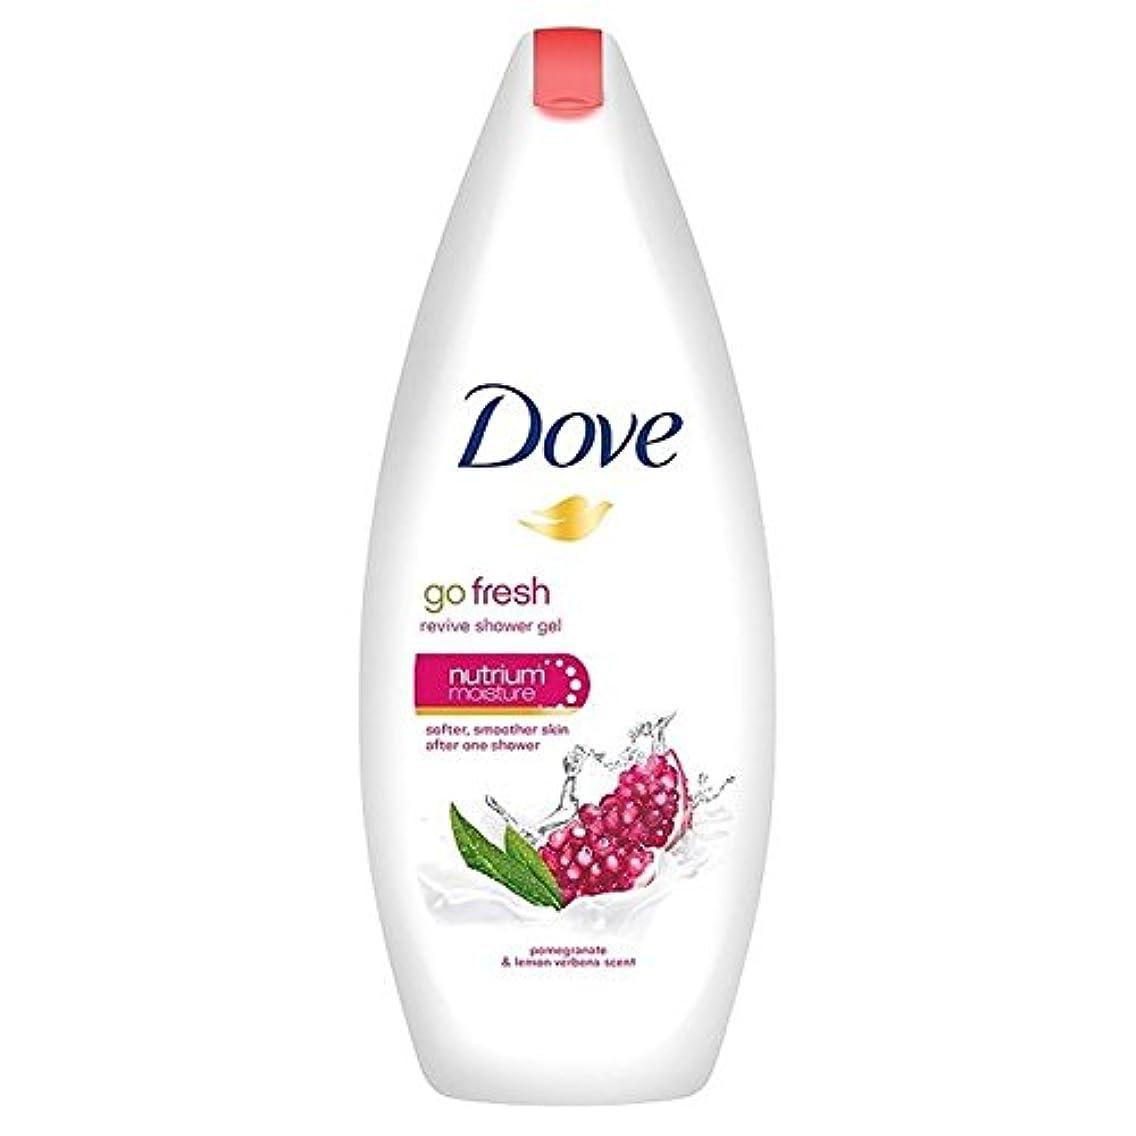 却下する中級解任鳩は、新鮮なザクロボディウォッシュ250ミリリットルを行きます x2 - Dove Go Fresh Pomegranate Body Wash 250ml (Pack of 2) [並行輸入品]